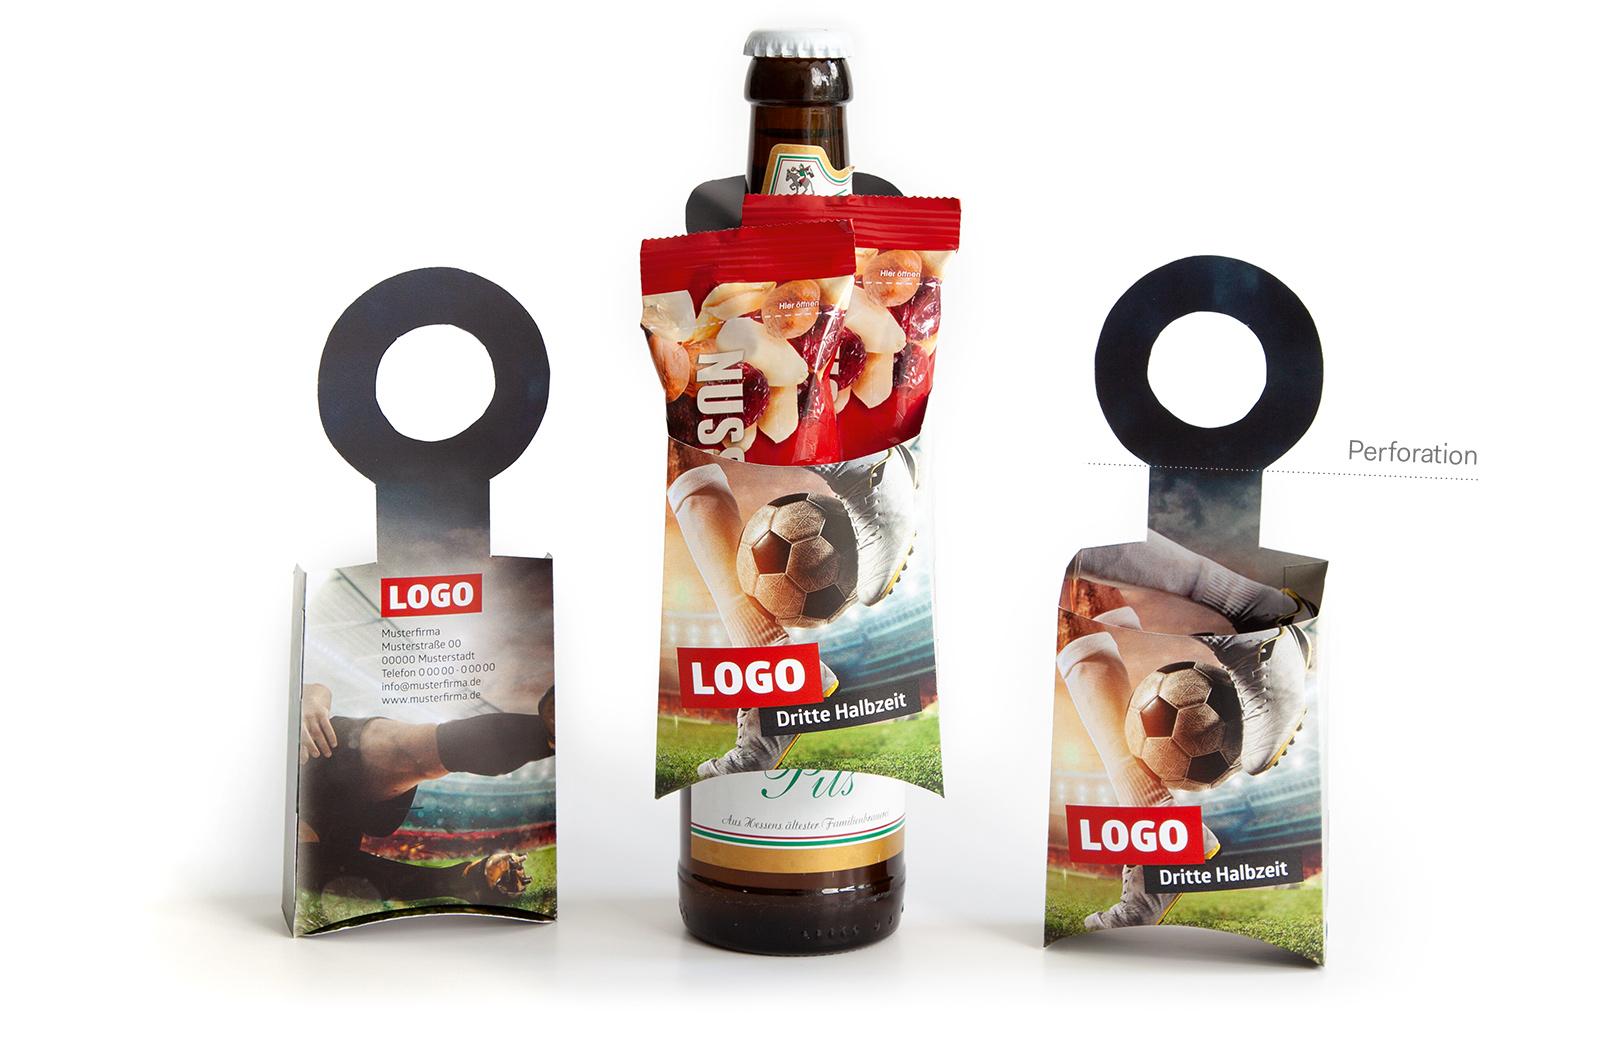 Fussball Spielplan Flaschenanhaenger Dritte Halbzeit Werbemittel EM 2021